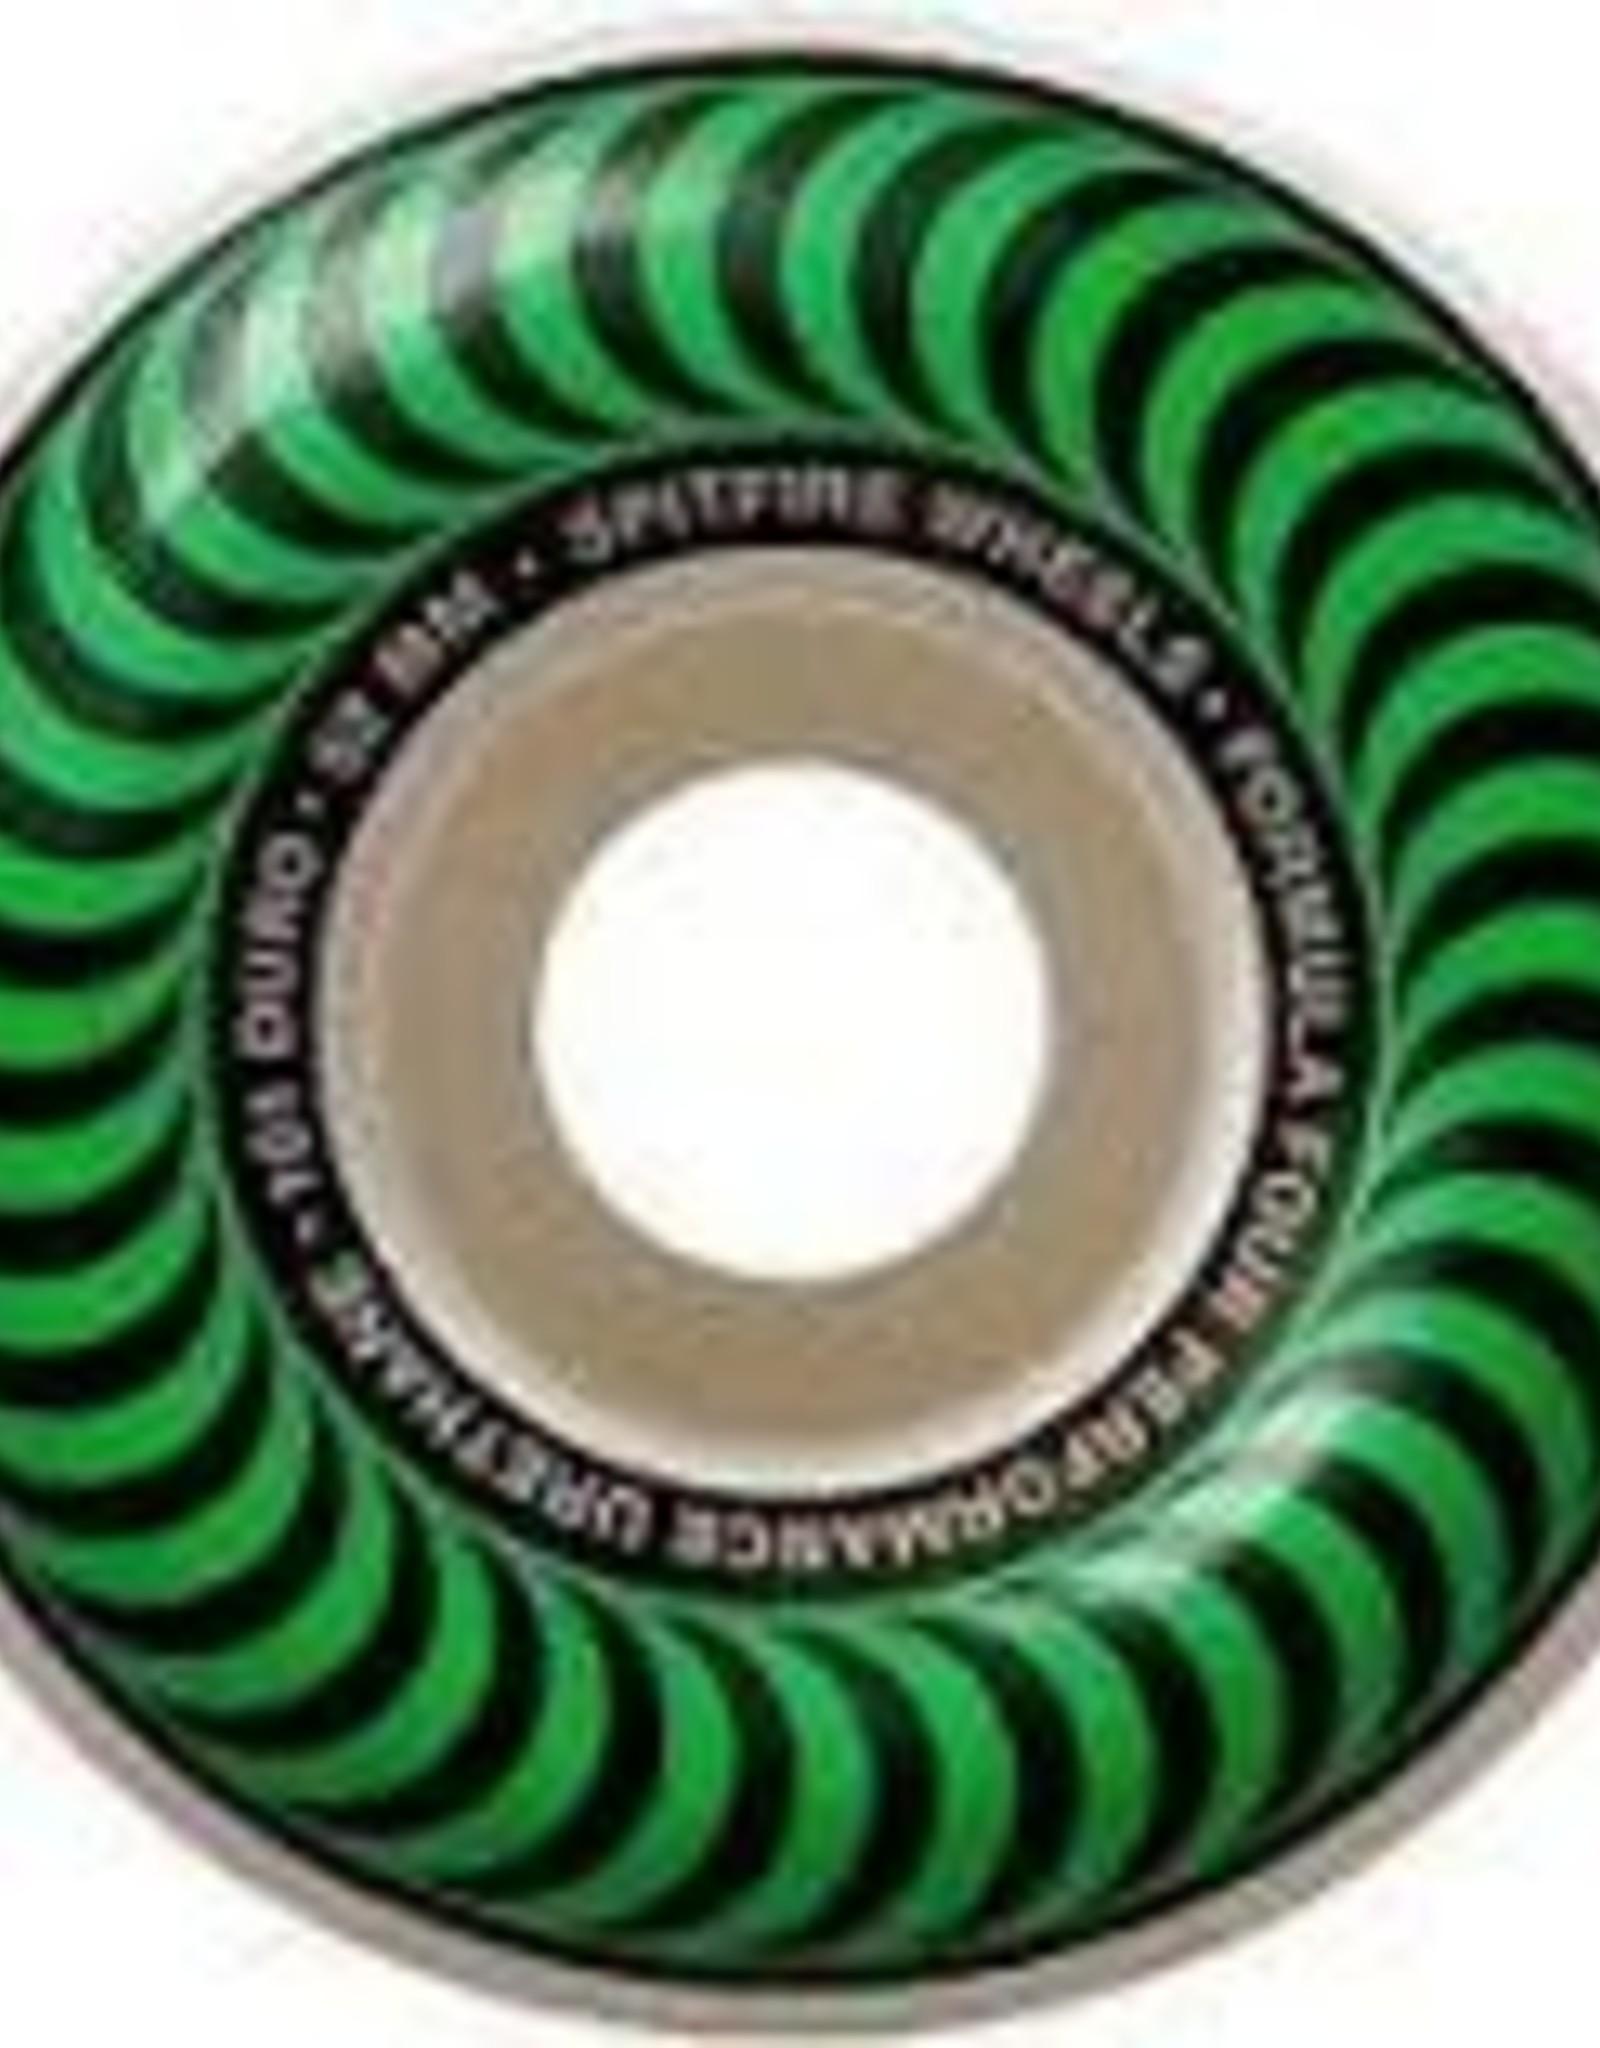 Spitfire F$ 1014 Classics 52